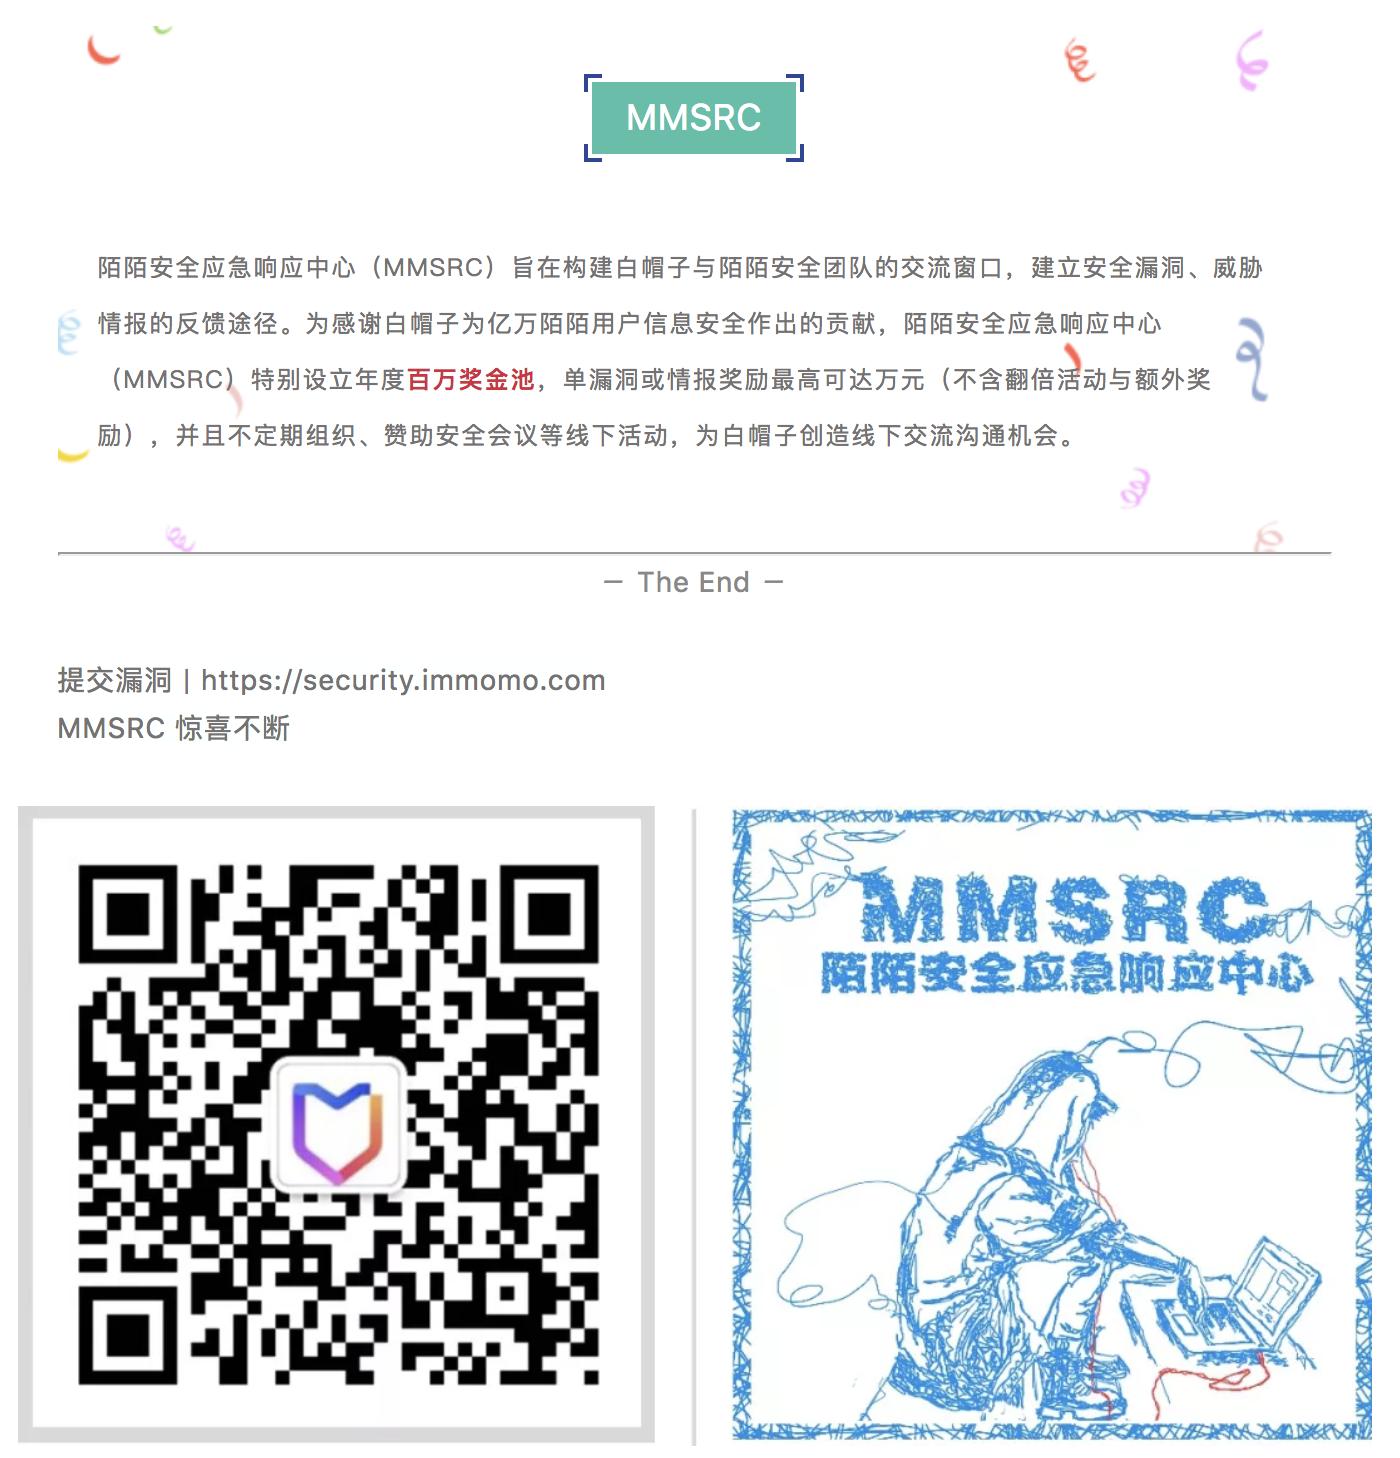 https://momo-mmsrc.oss-cn-hangzhou.aliyuncs.com/img-ea4adf3d-d61b-3c57-877d-2ea0324a3e7c.png